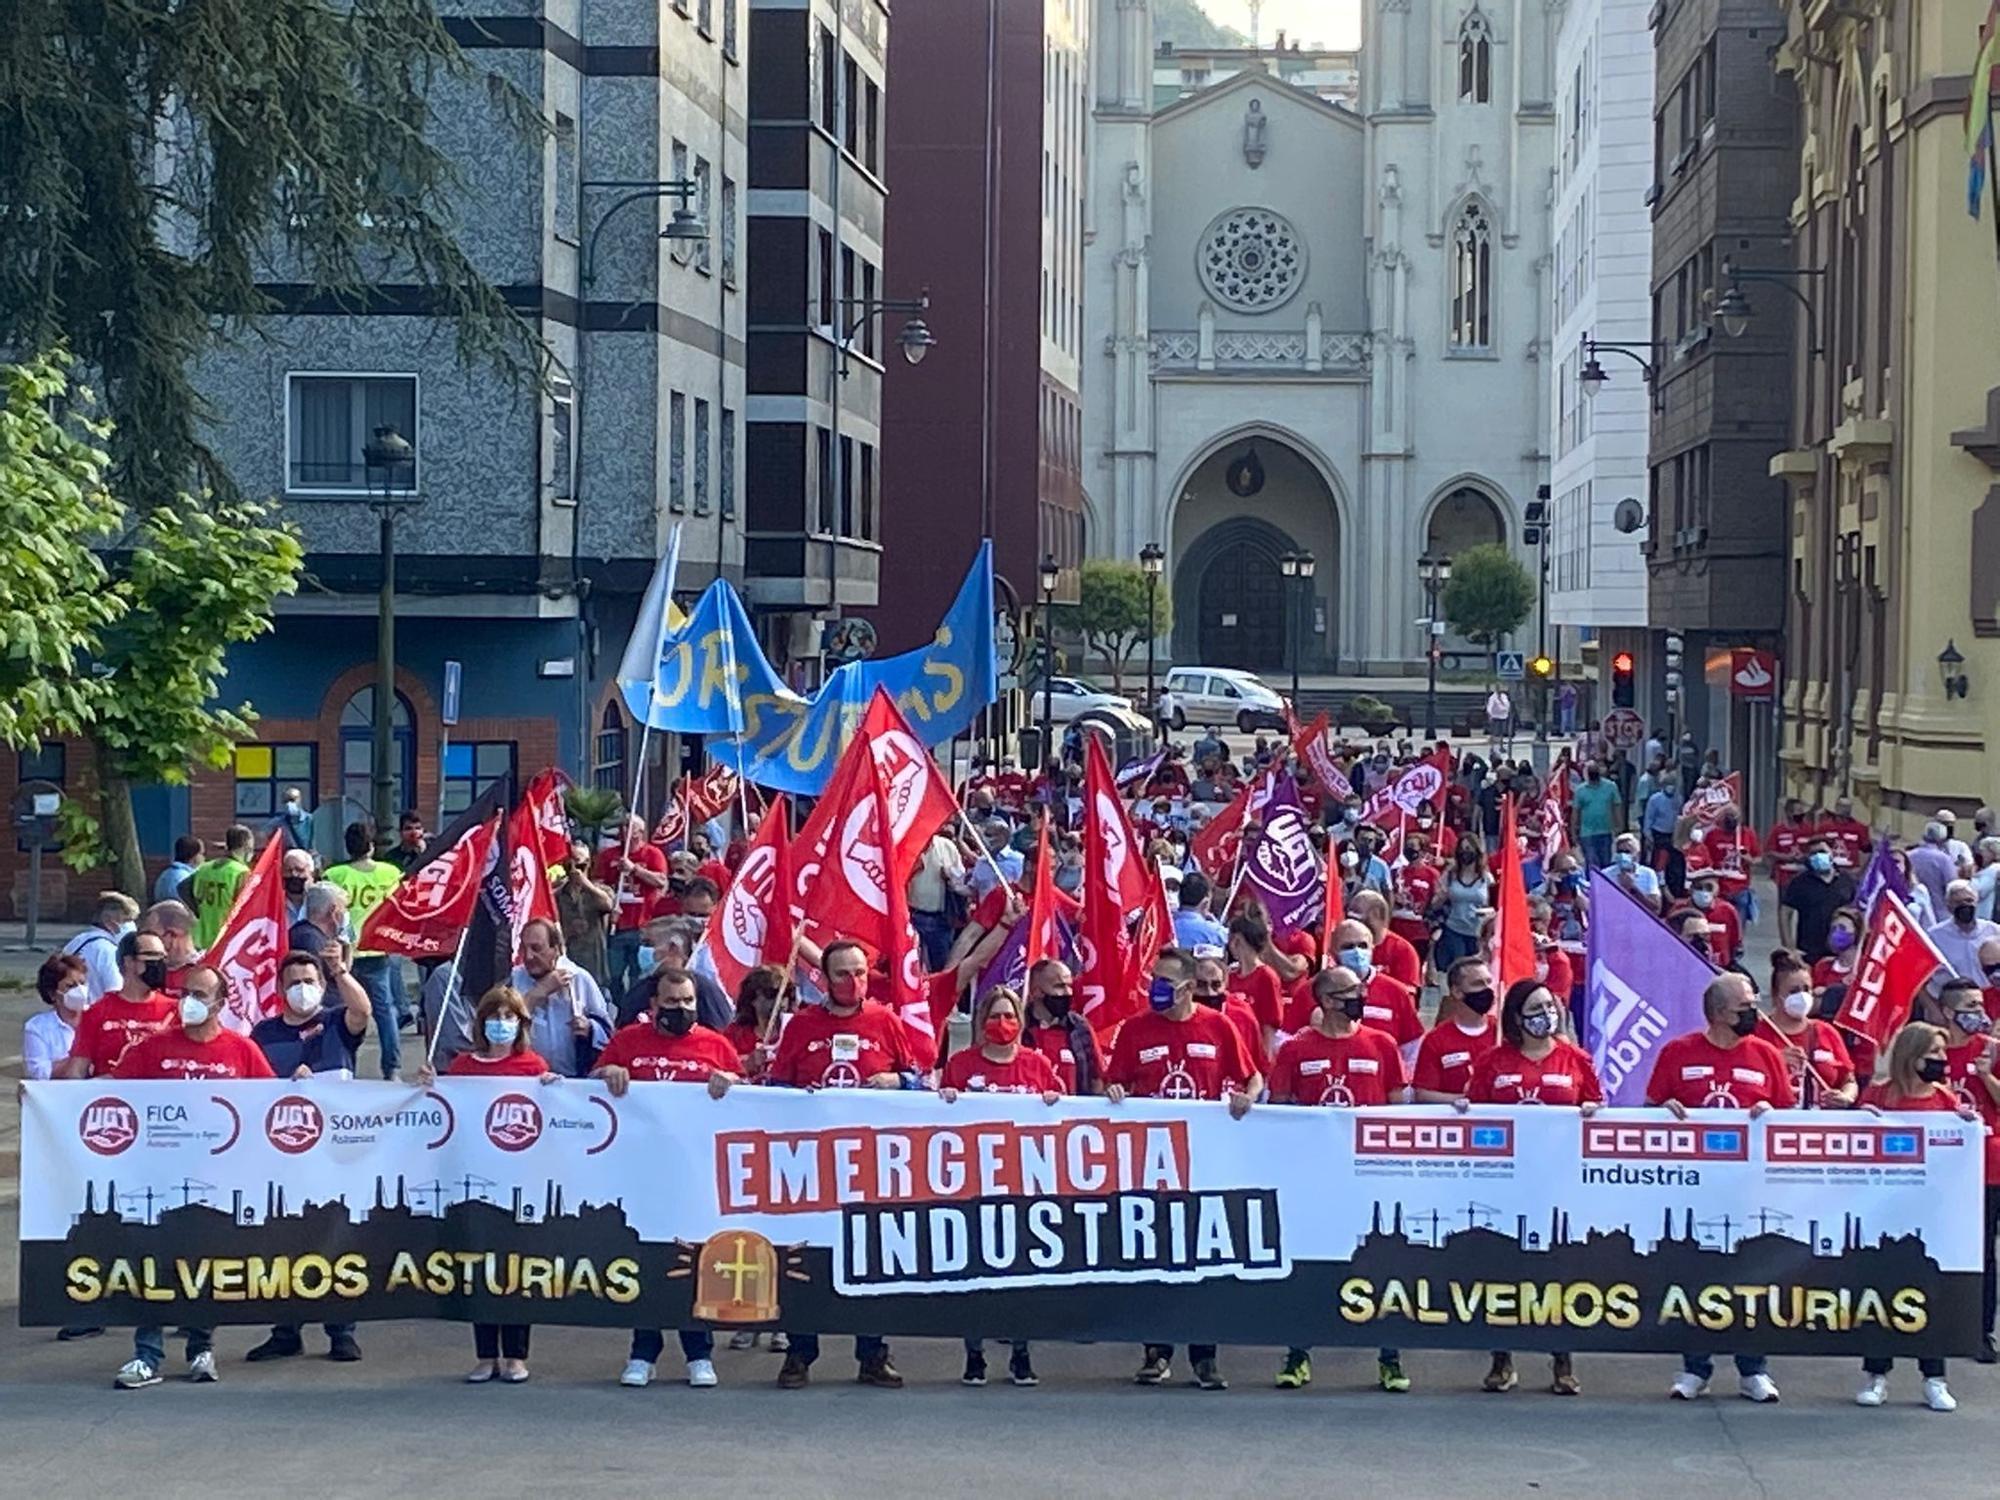 Manifestación en defensa de la industria asturiana en Langreo